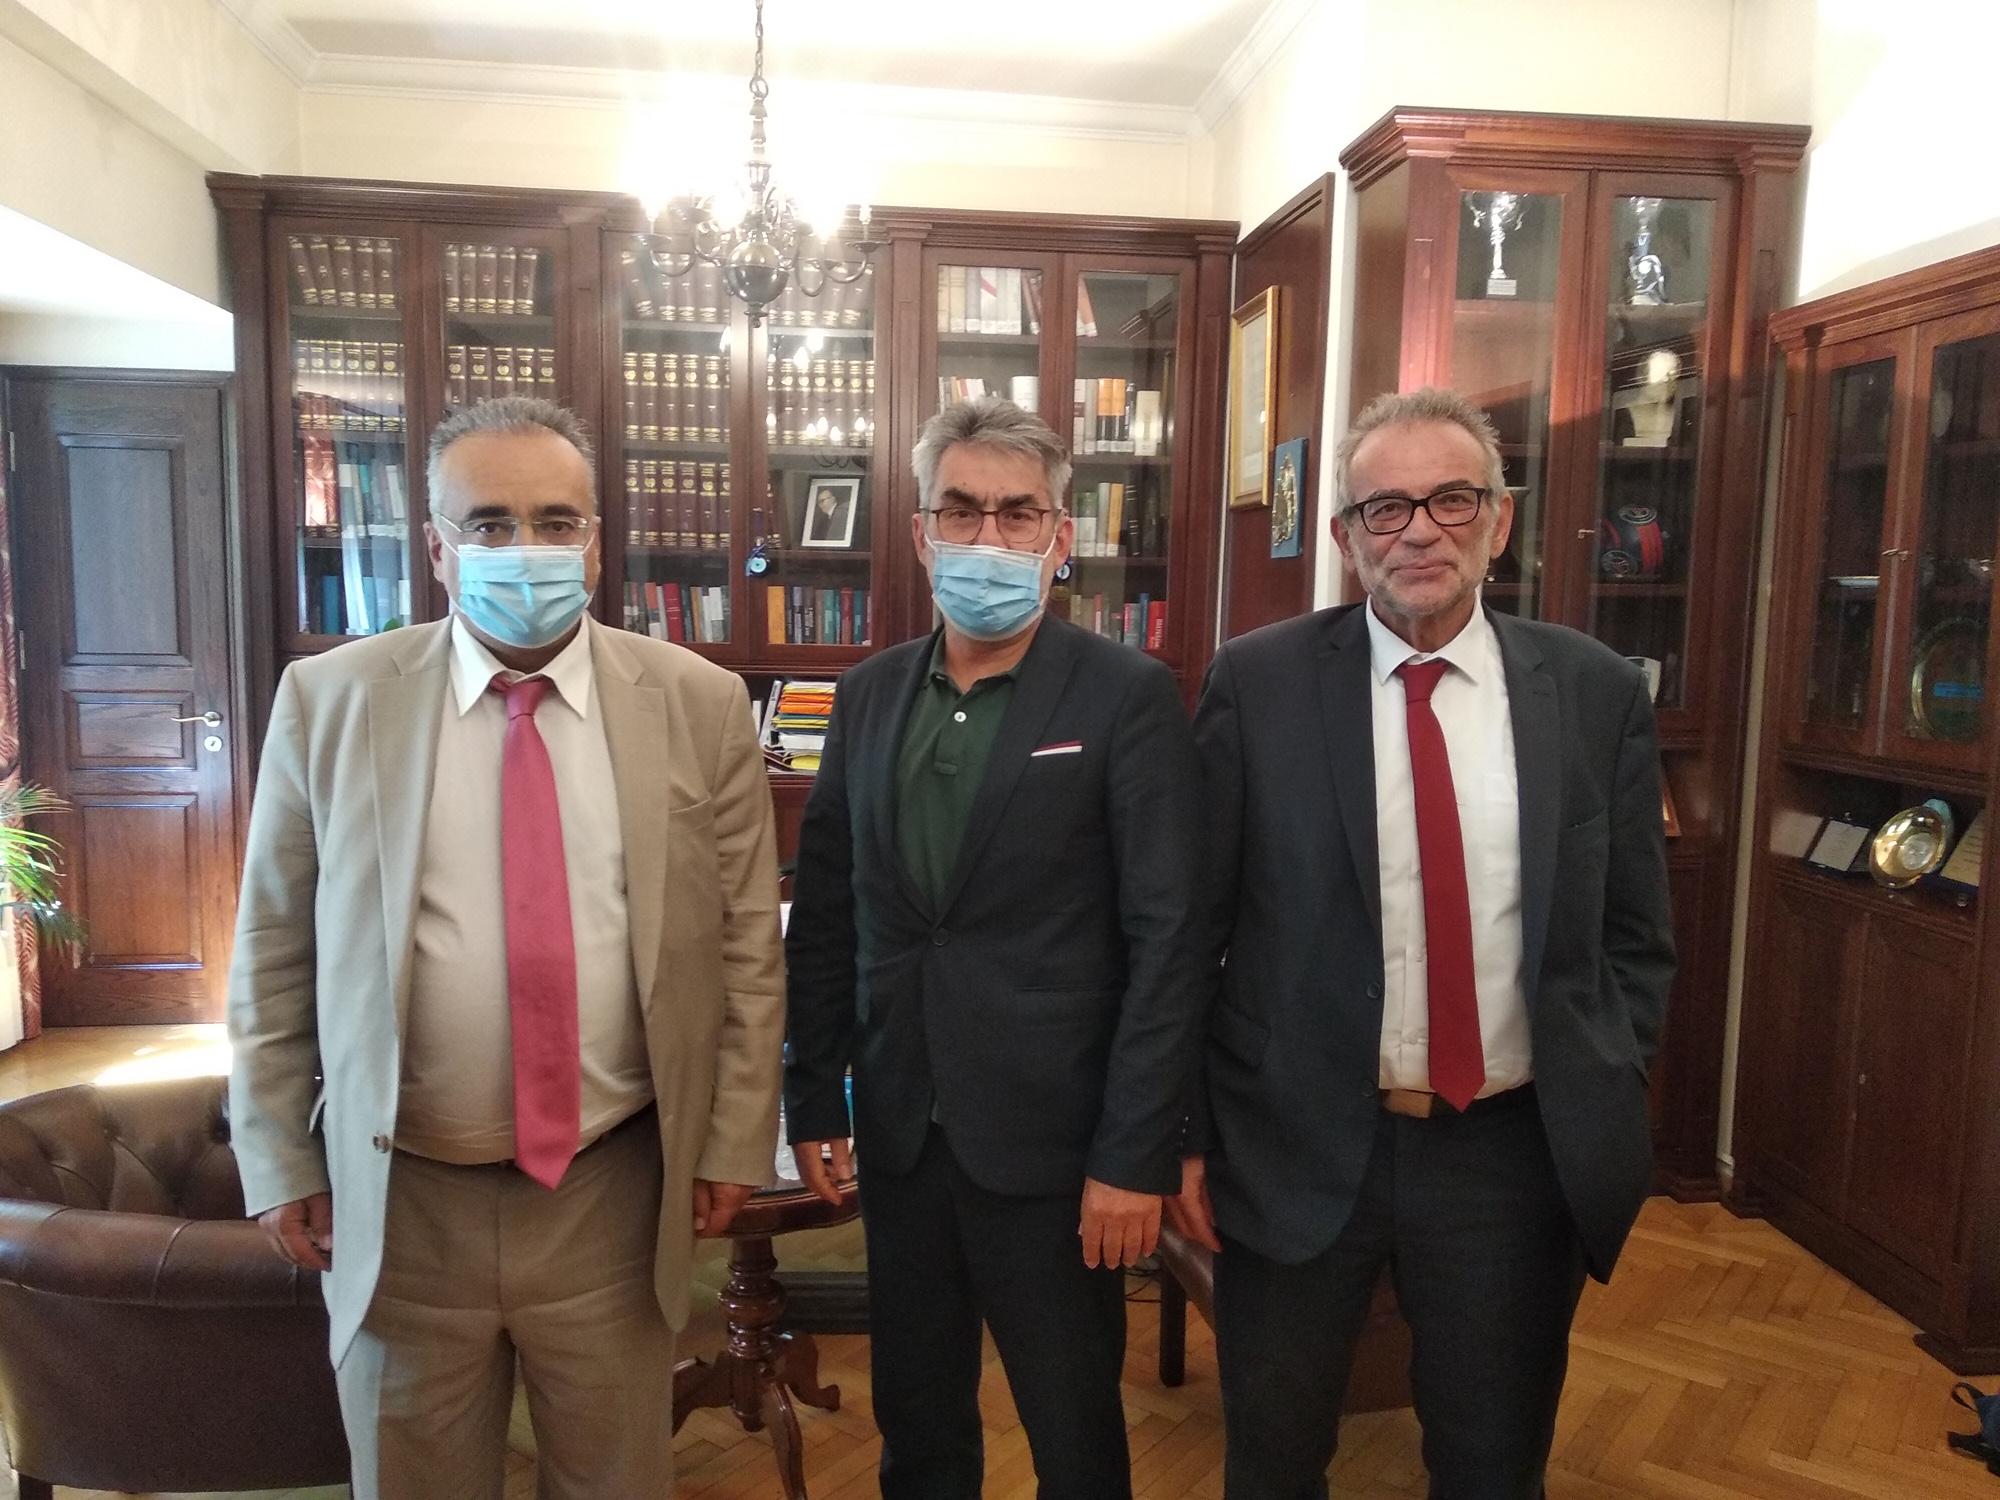 Συνάντηση του τομεάρχη Δικαιοσύνης της Κ.Ο του ΣΥΡΙΖΑ-Προοδευτική Συμμαχία Θ. Ξανθόπουλου με αντιπροσωπεία του προεδρείου της Ολομέλειας των Δικηγορικών Συλλόγων Ελλάδας